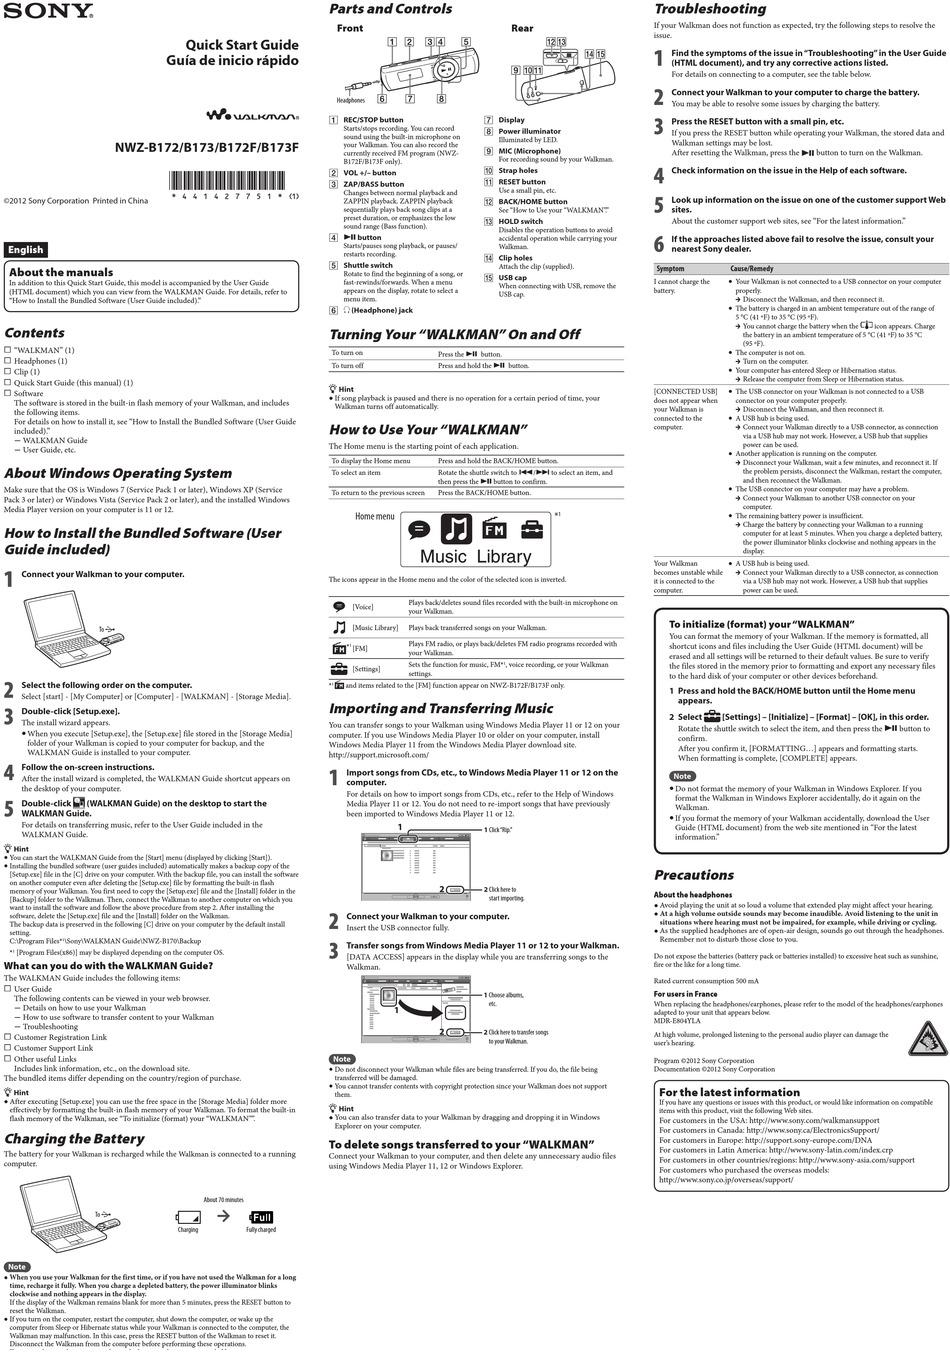 Sony Walkman Mp3 Player Manual Nwz-S545 / Sony Walkman Nwz